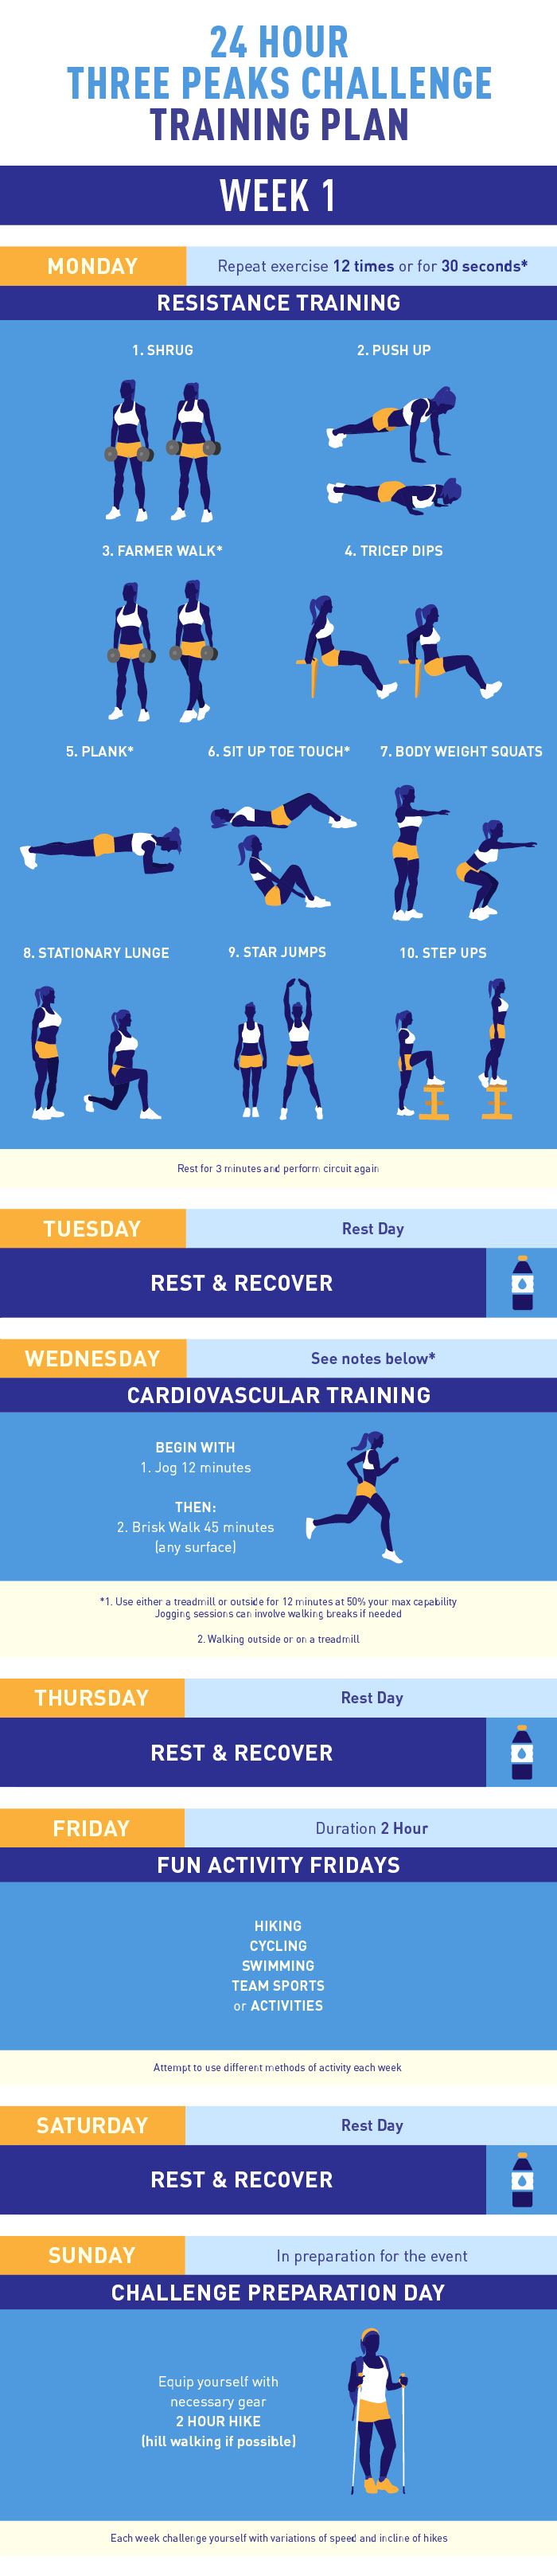 Three Peaks Challenge training plan